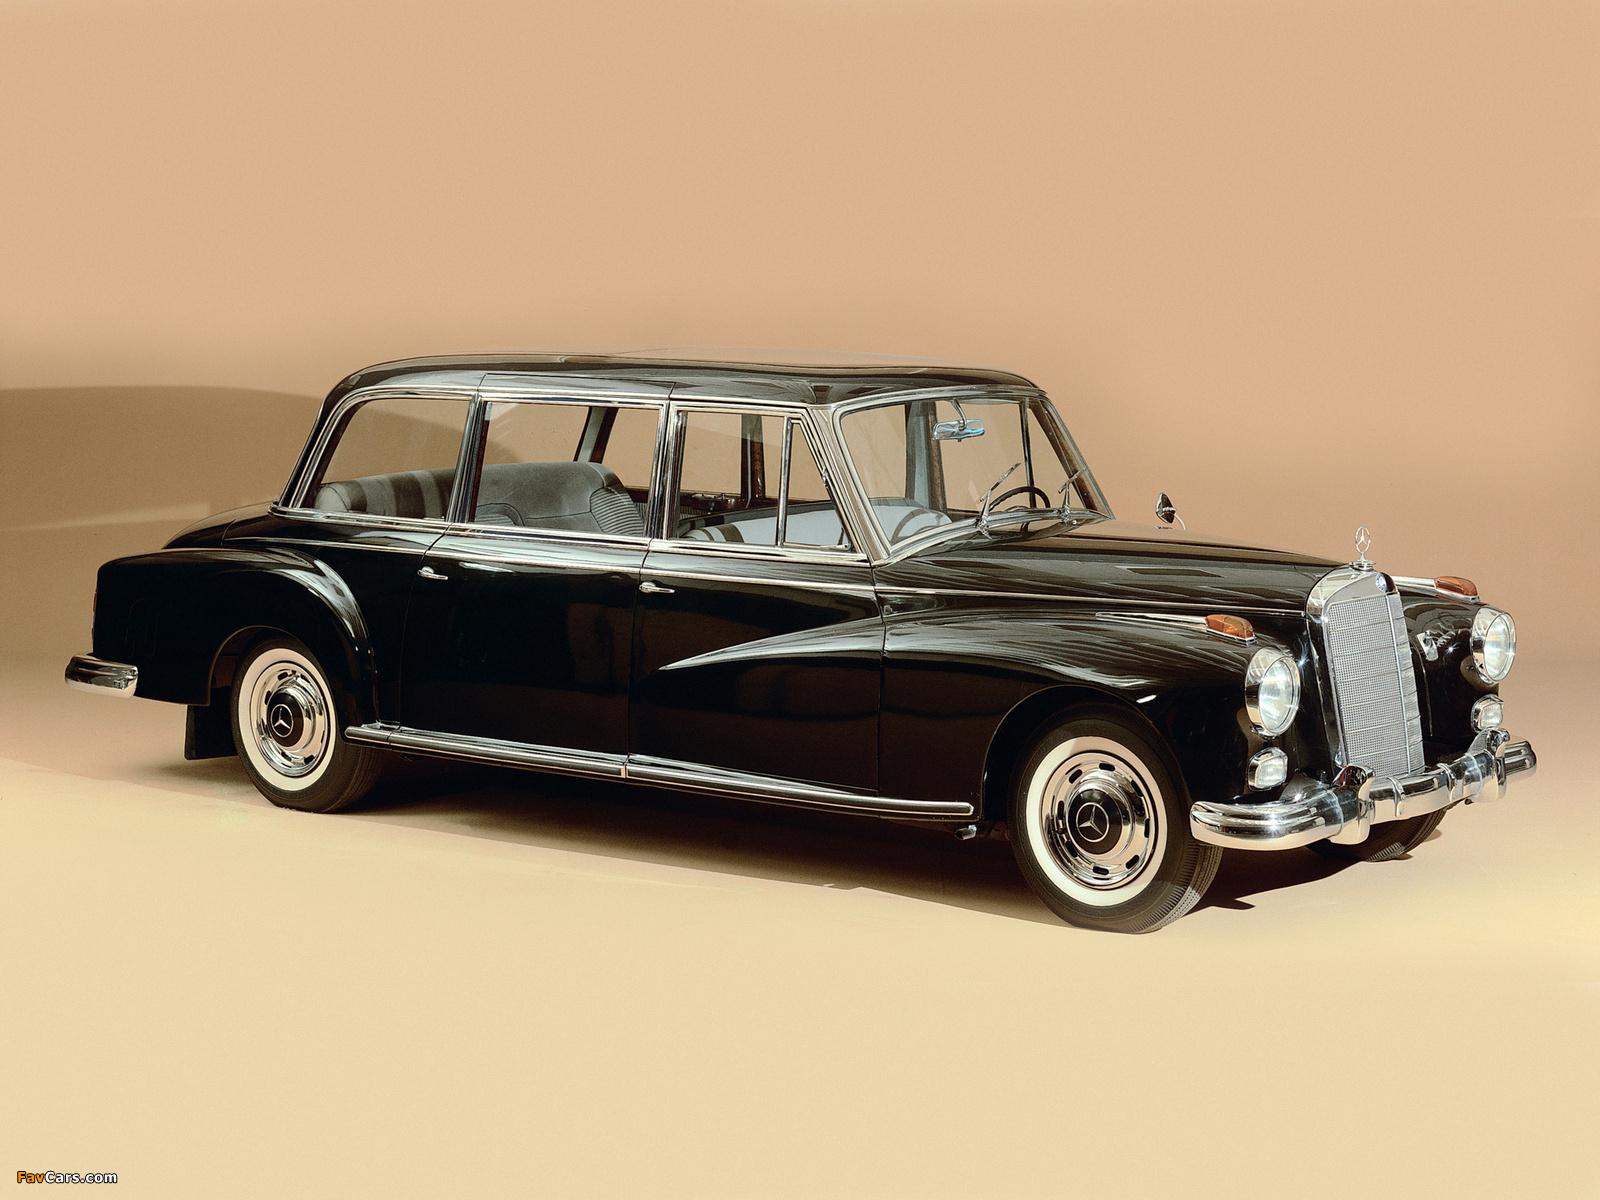 Mercedes benz 300d pullman limousine w189 1960 for Mercedes benz 300d